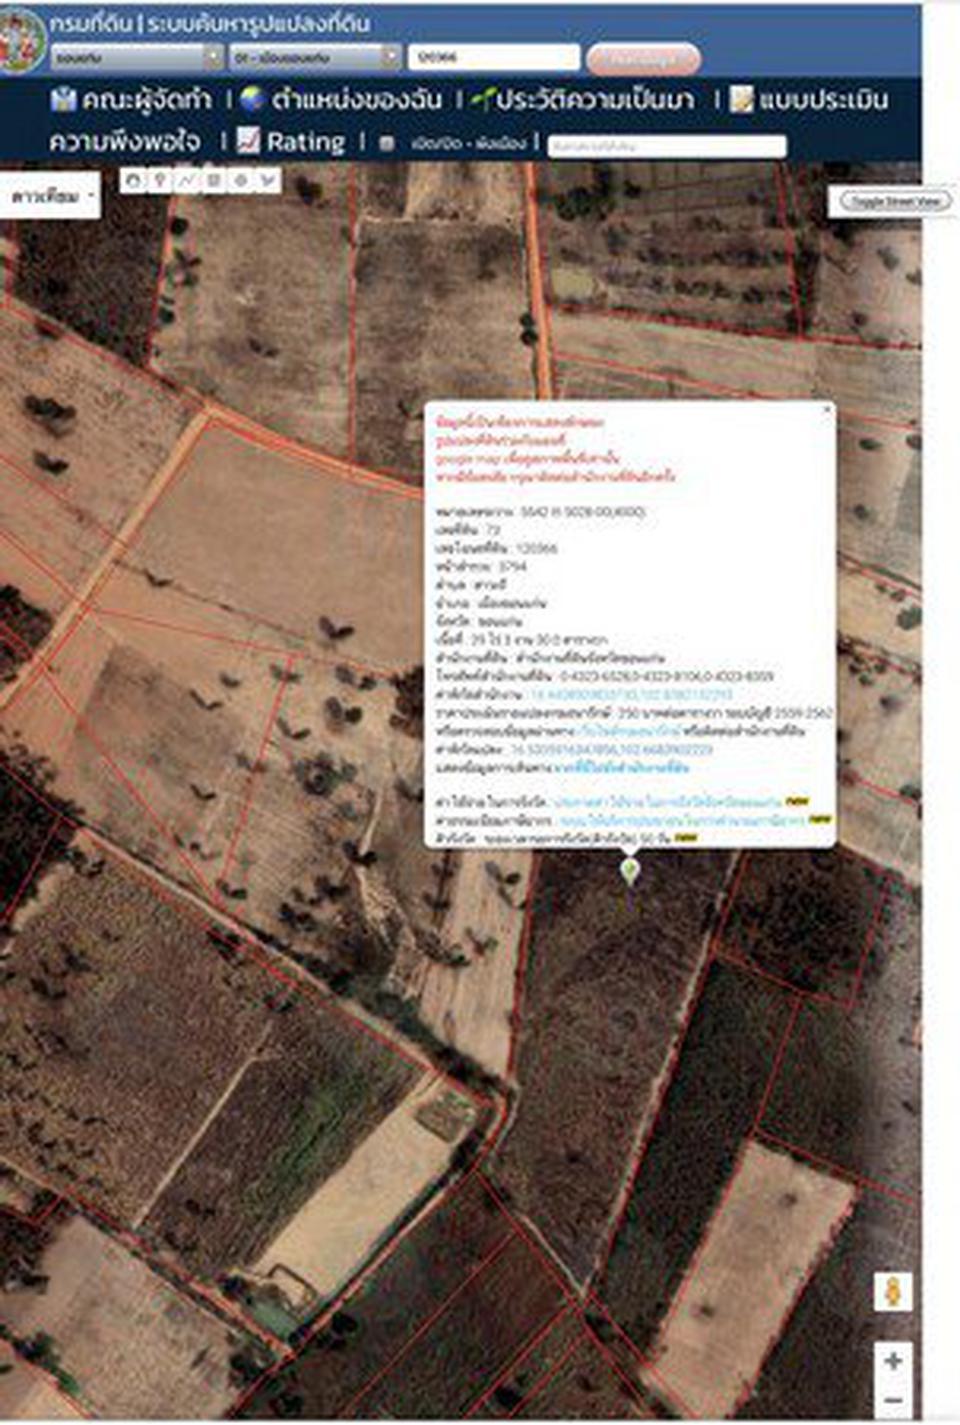 ขายที่ดินเปล่า บ้านโนนรัง จังหวัดขอนแก่น เนื้อที่ 29 ไร่ 3 งาน 30 ตารางวา รูปที่ 2